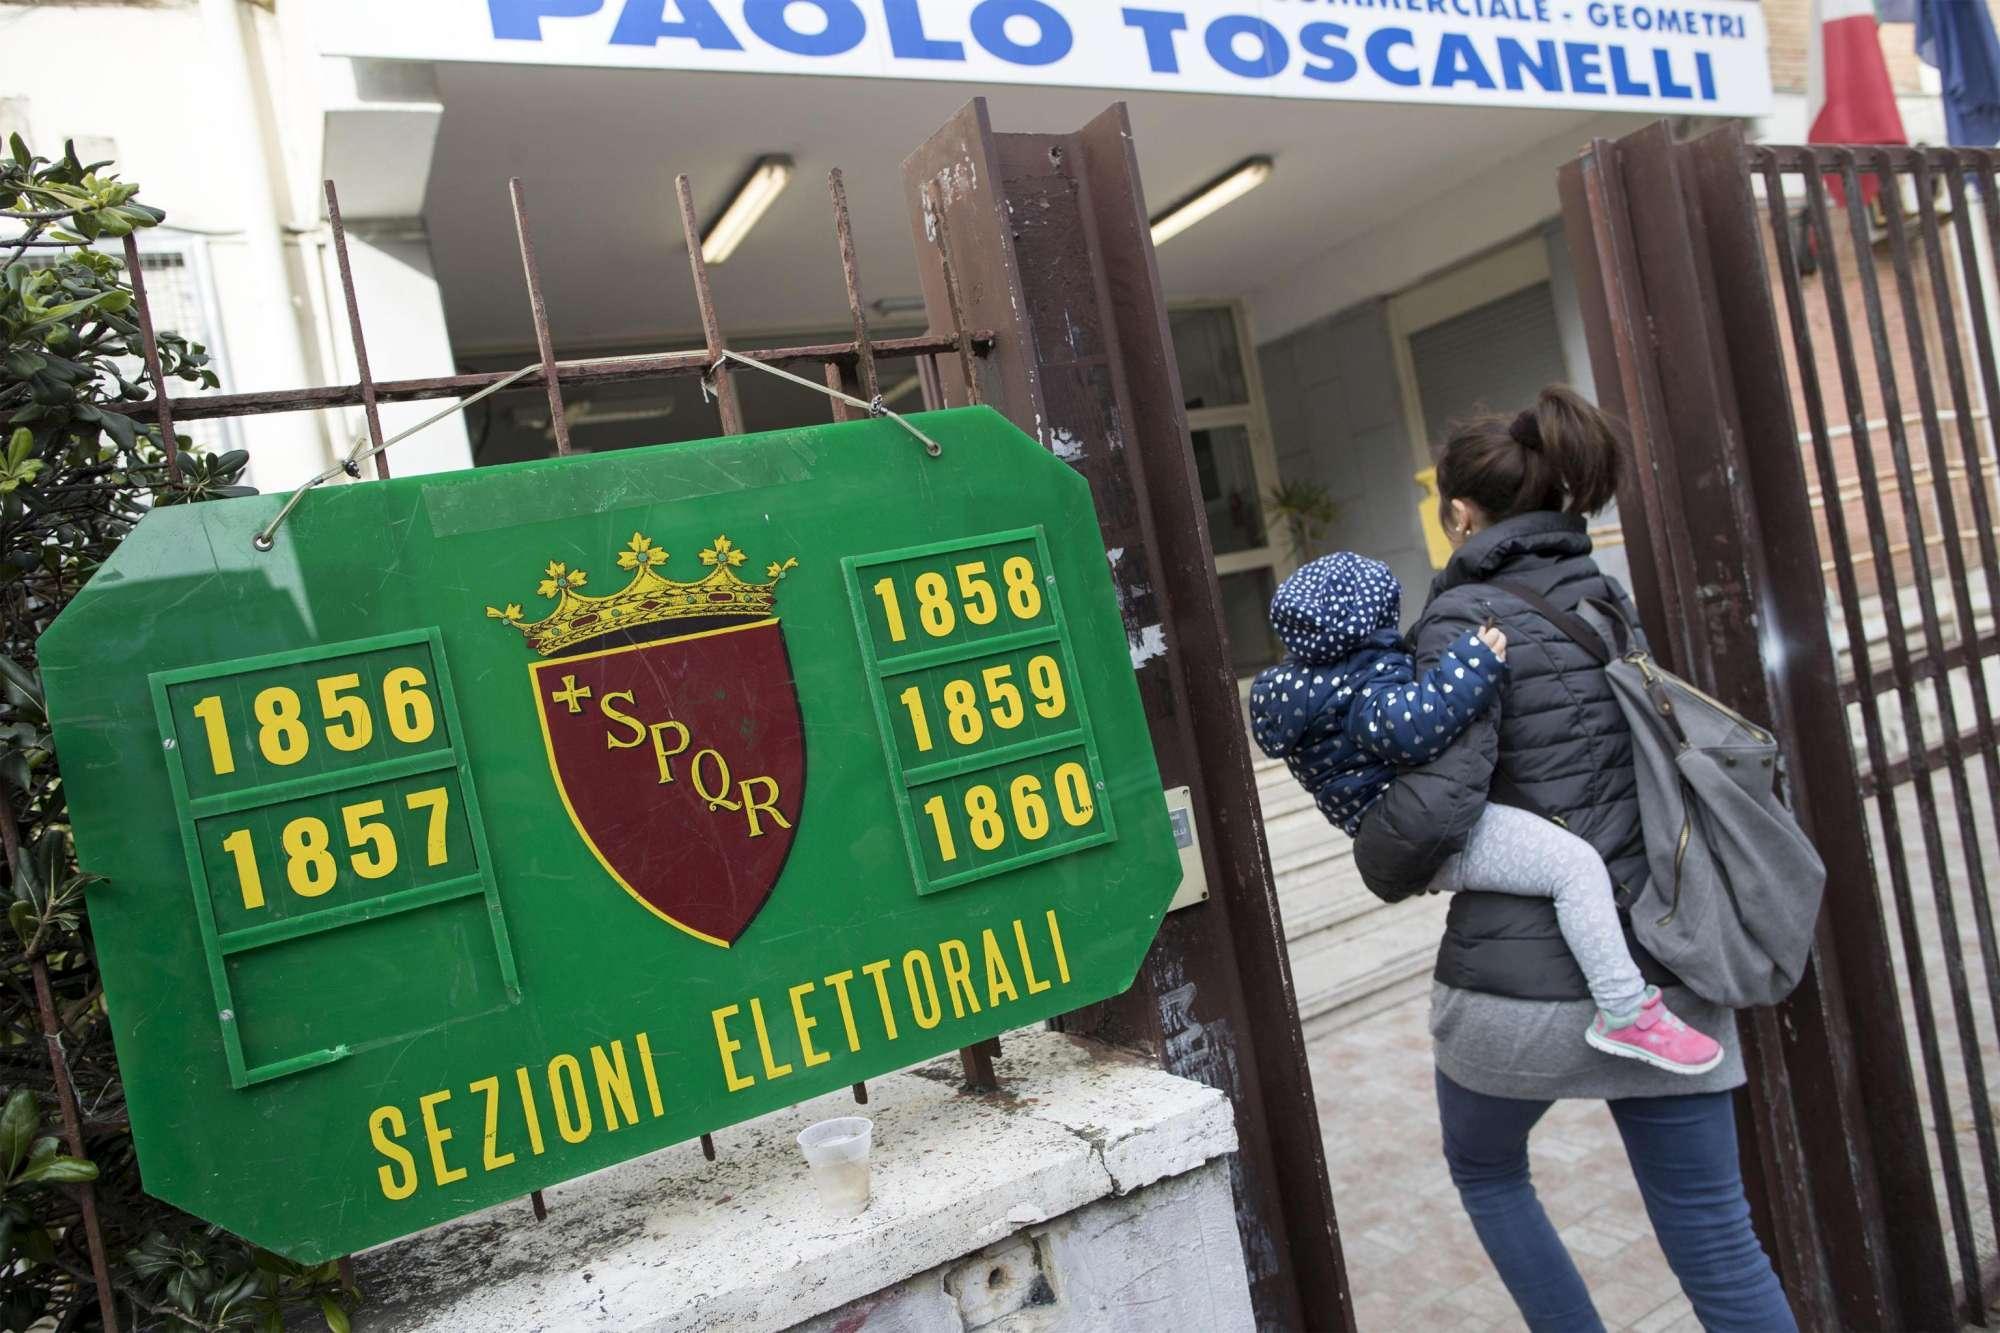 Ballottaggio Ostia, si vota per scegliere il presidente del X Municipio